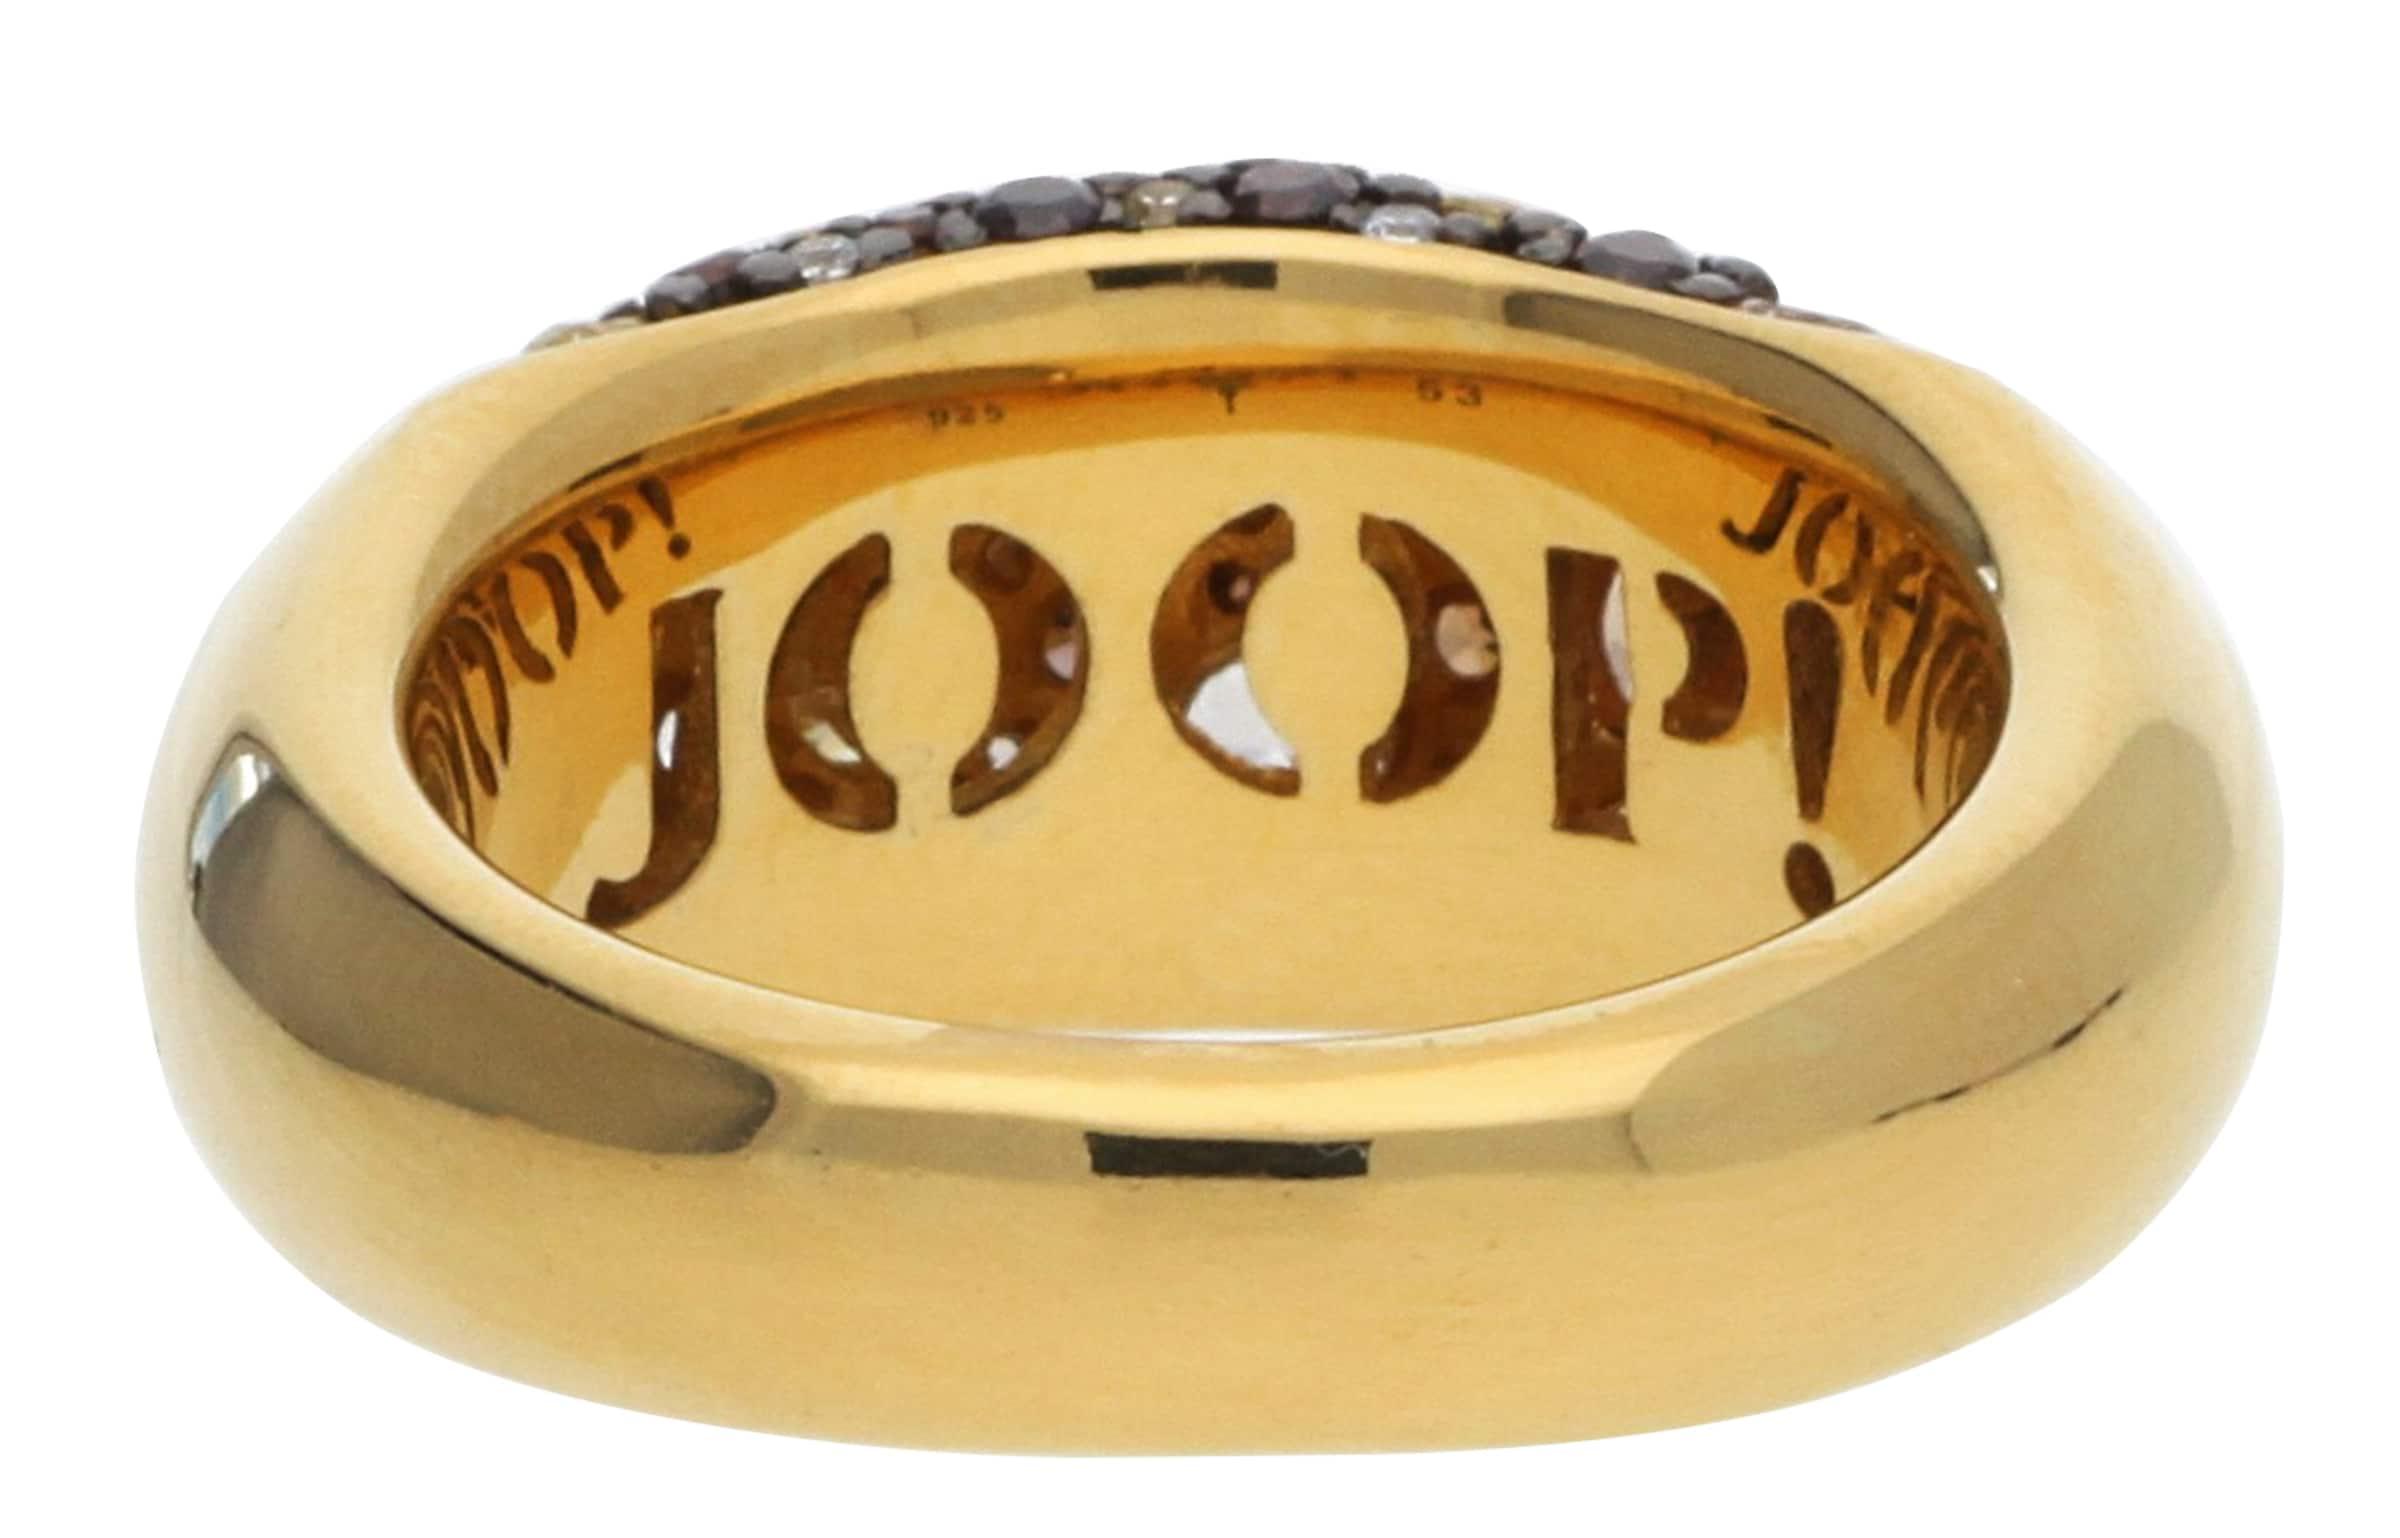 Rabatt-Codes Spielraum Store JOOP! Fingerring mit Zirkonia-Steinbesatz JPRG90499C Bestes Geschäft Zu Bekommen Online Rabatt Bester Großhandel aGX0jpj3pH